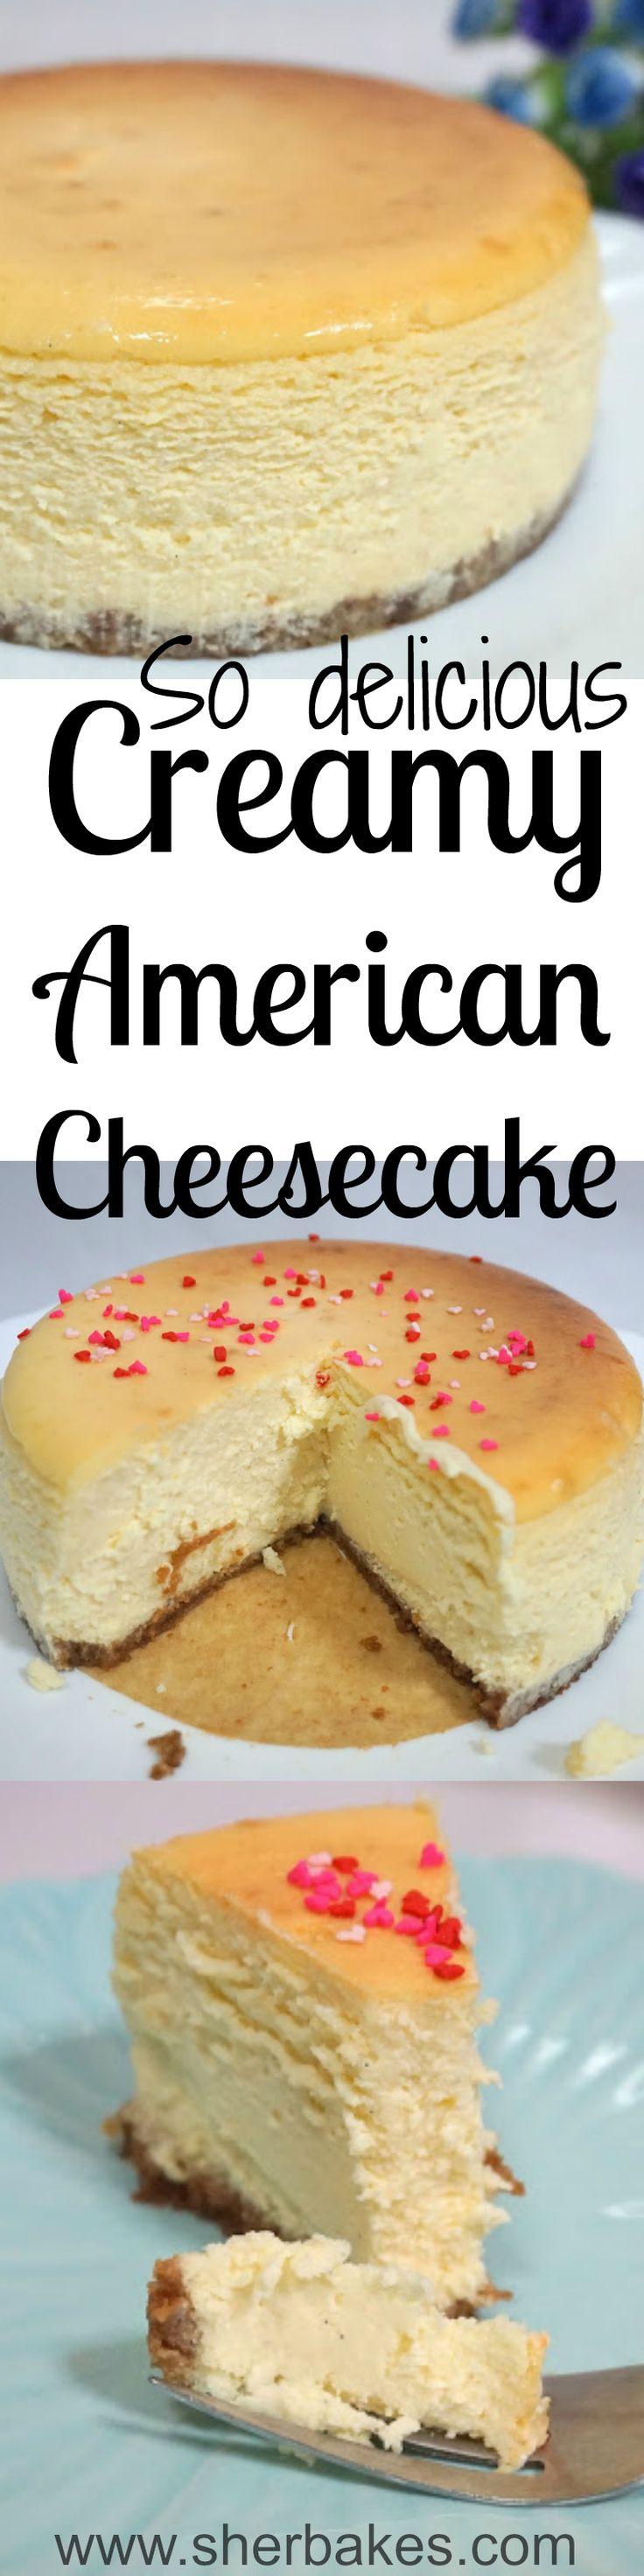 Cremosa tarta de queso americana es muy delicioco en el Estados Unidos. Como alguna tarta este es muy sabroso y cremoso. Este tarta de queso tiene corazón en forma de chispitas.